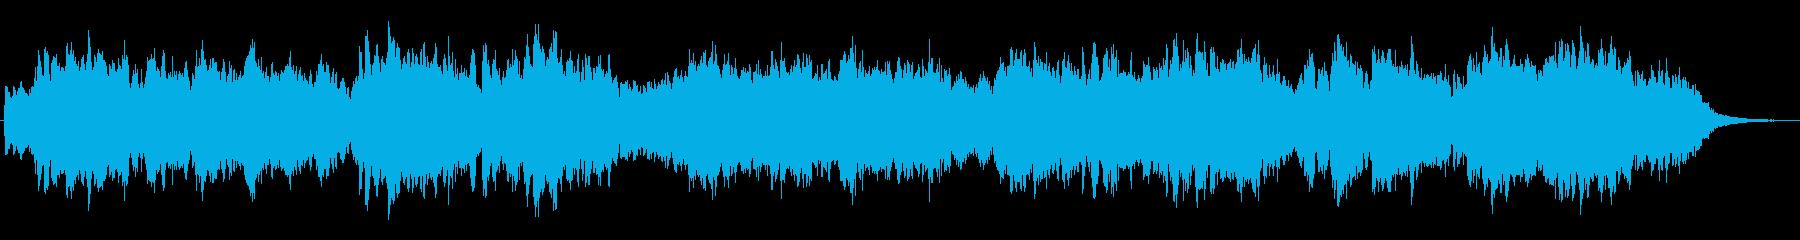 バグバイプが印象的な明るいジングル2の再生済みの波形